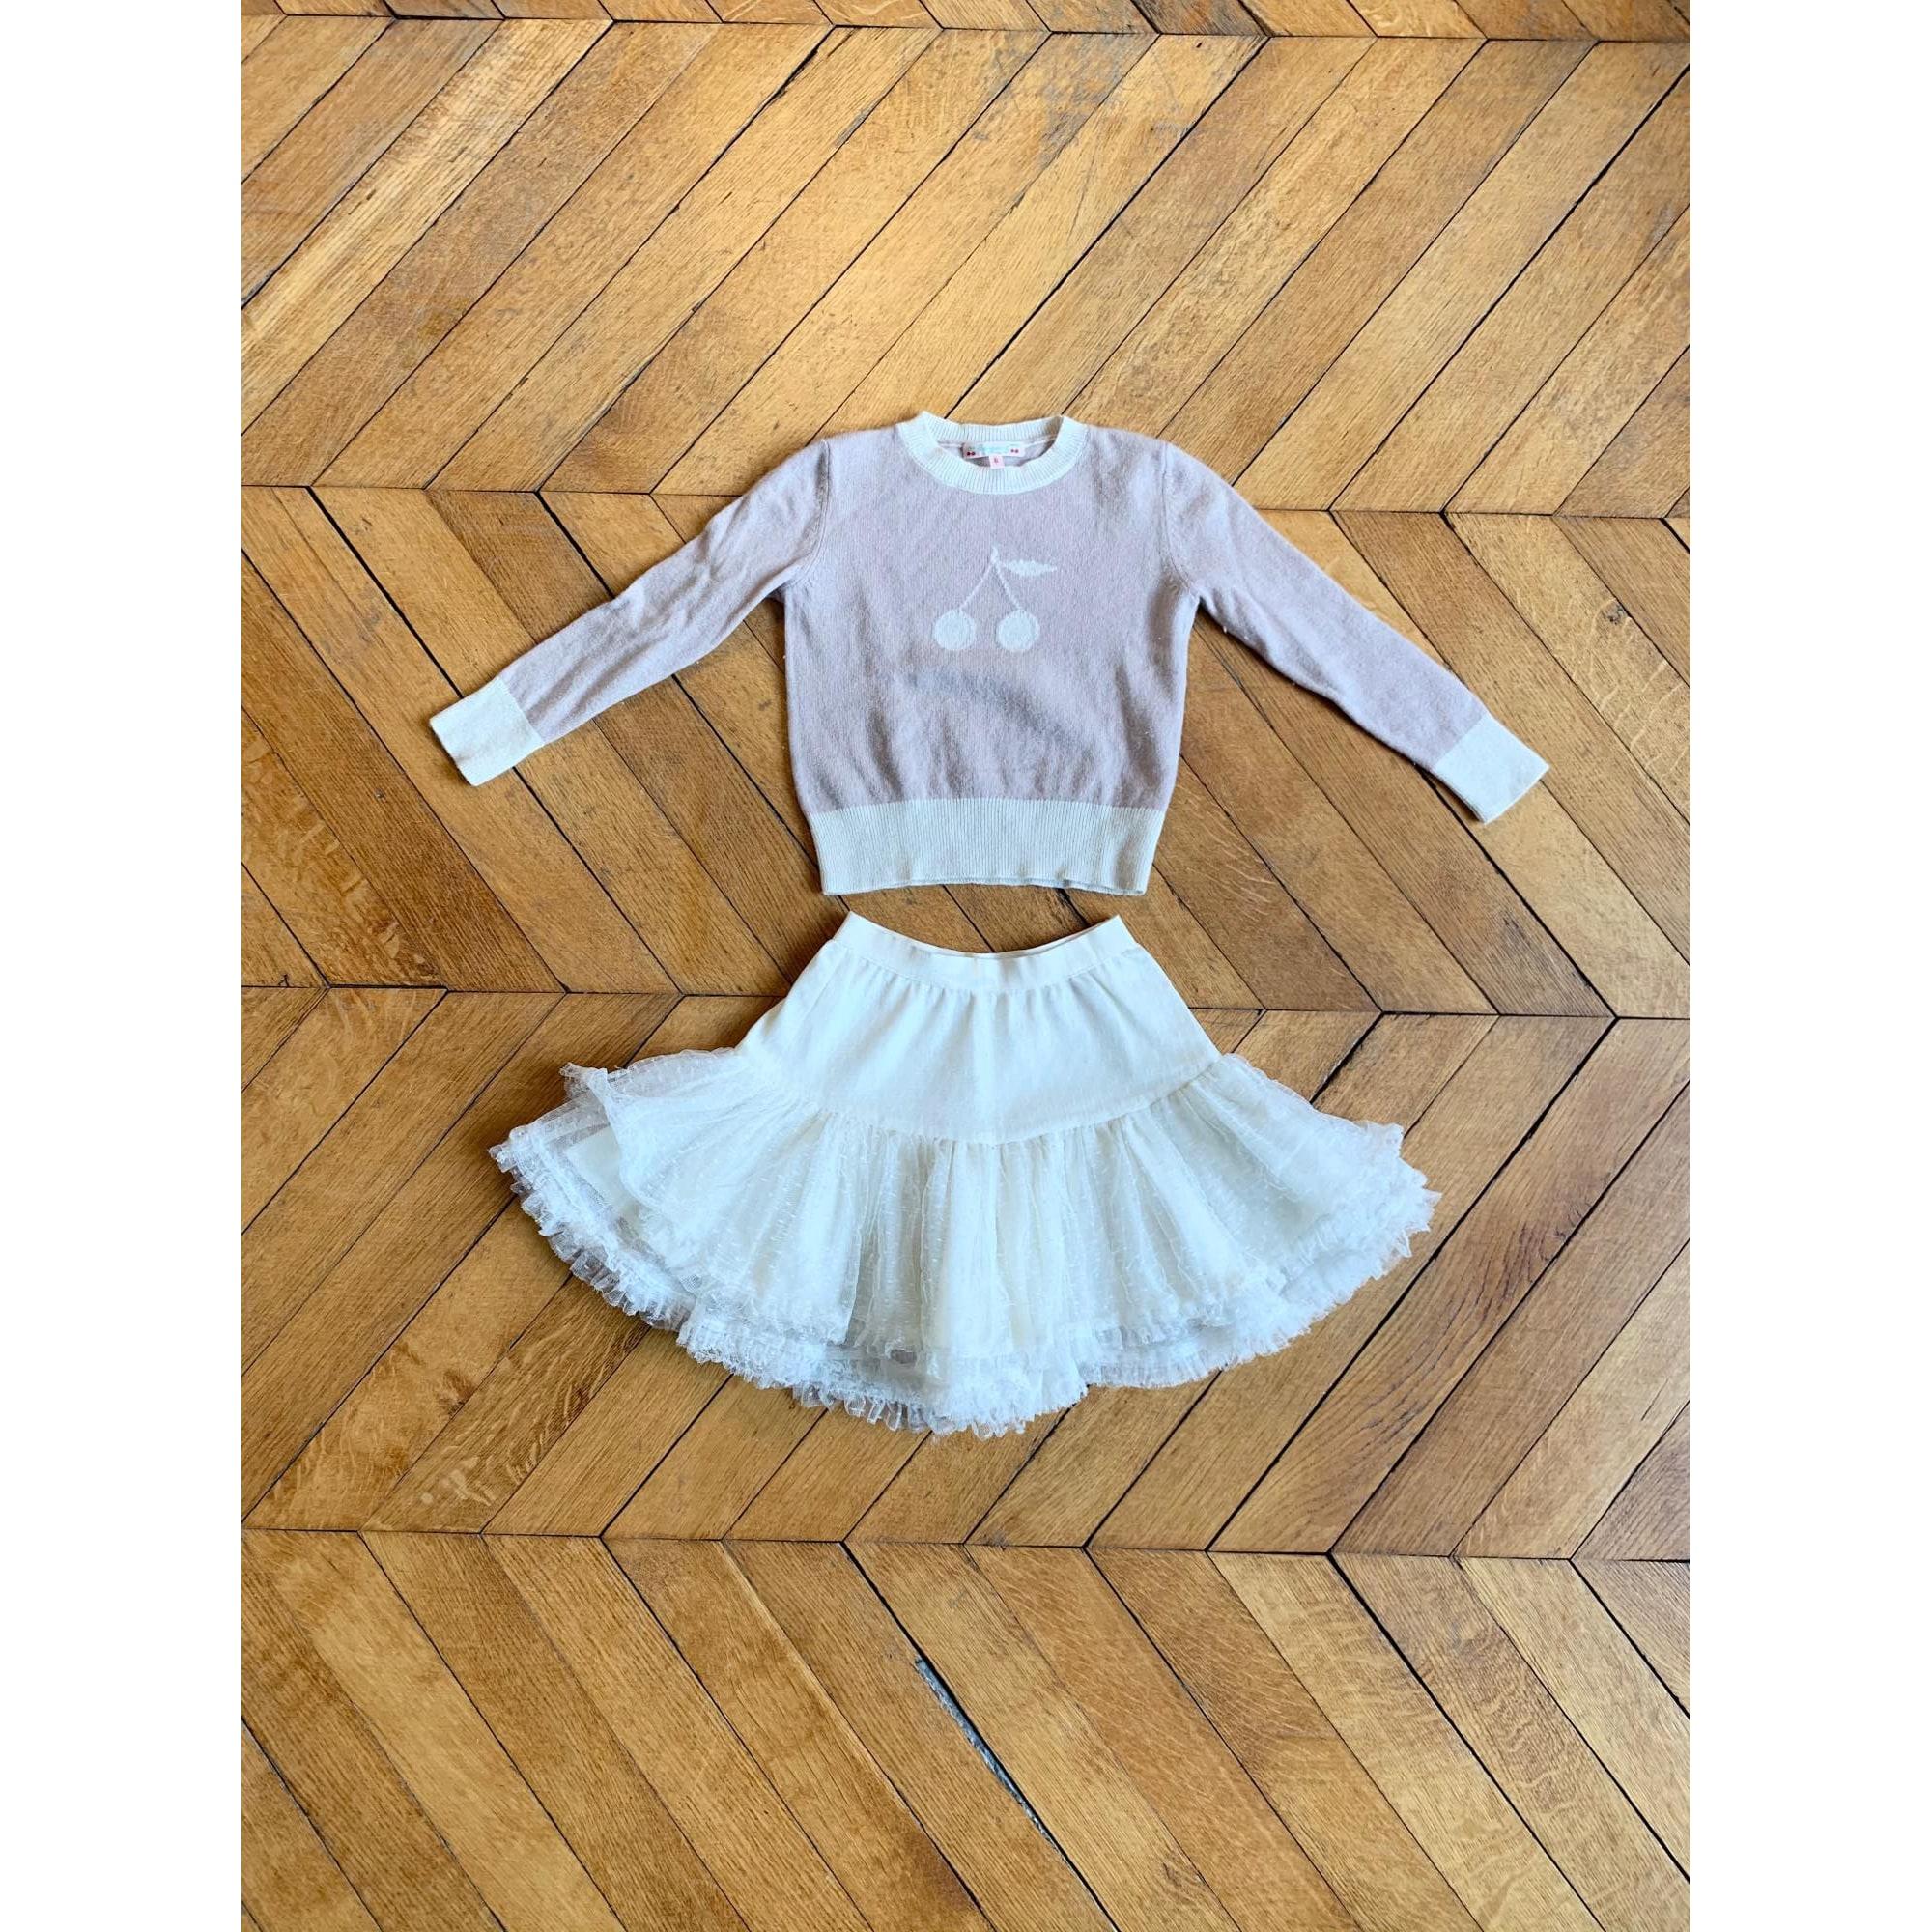 Anzug, Set für Kinder, kurz BONPOINT Weiß, elfenbeinfarben